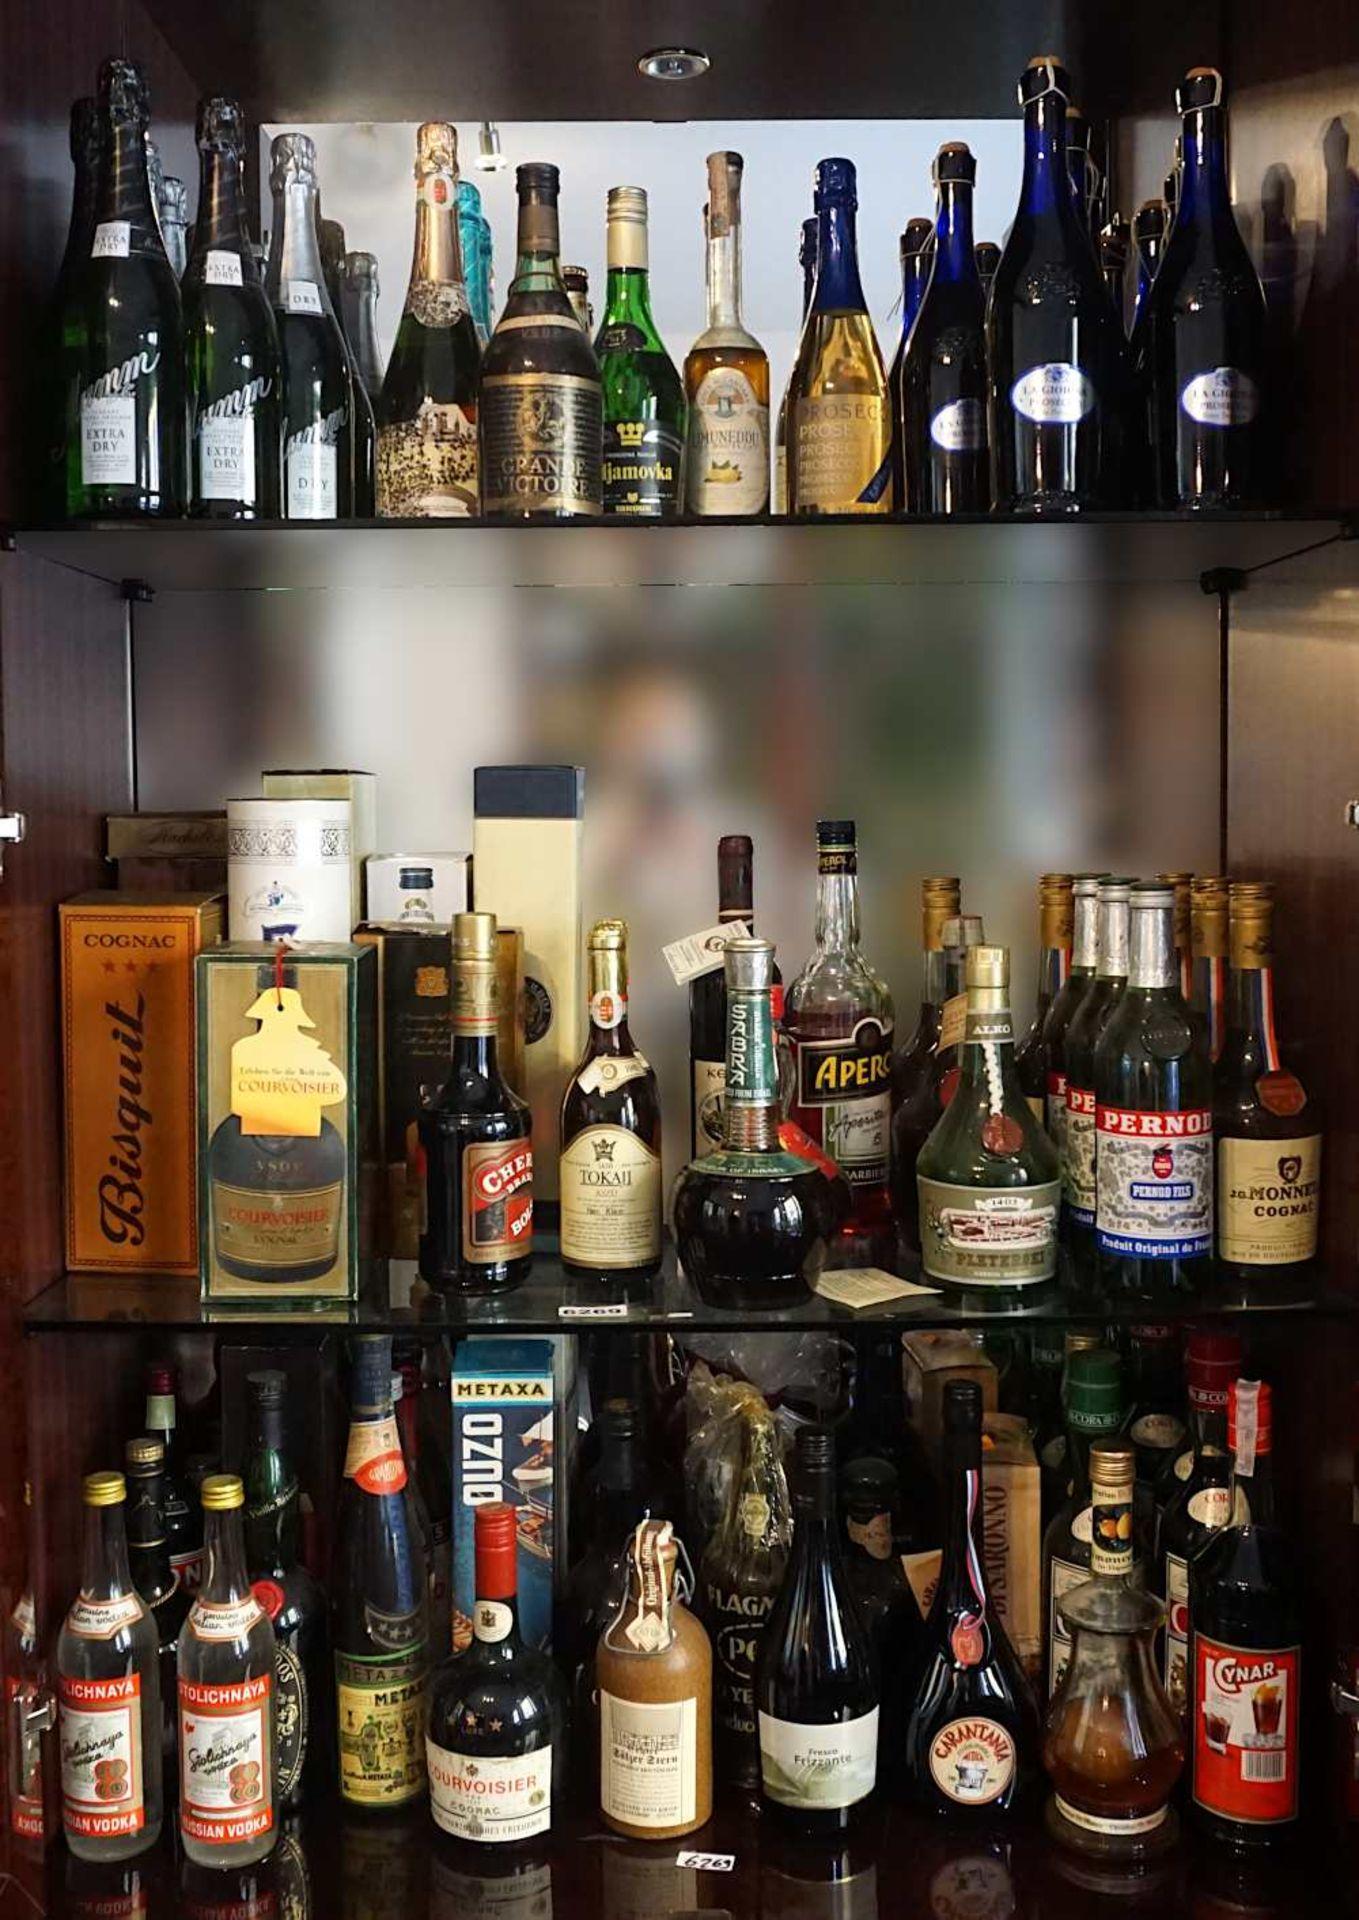 1 großes Konv. verschiedenster Spirituosen, z.T. mehrere Flaschen pro Marke (insgesamt wohl meh